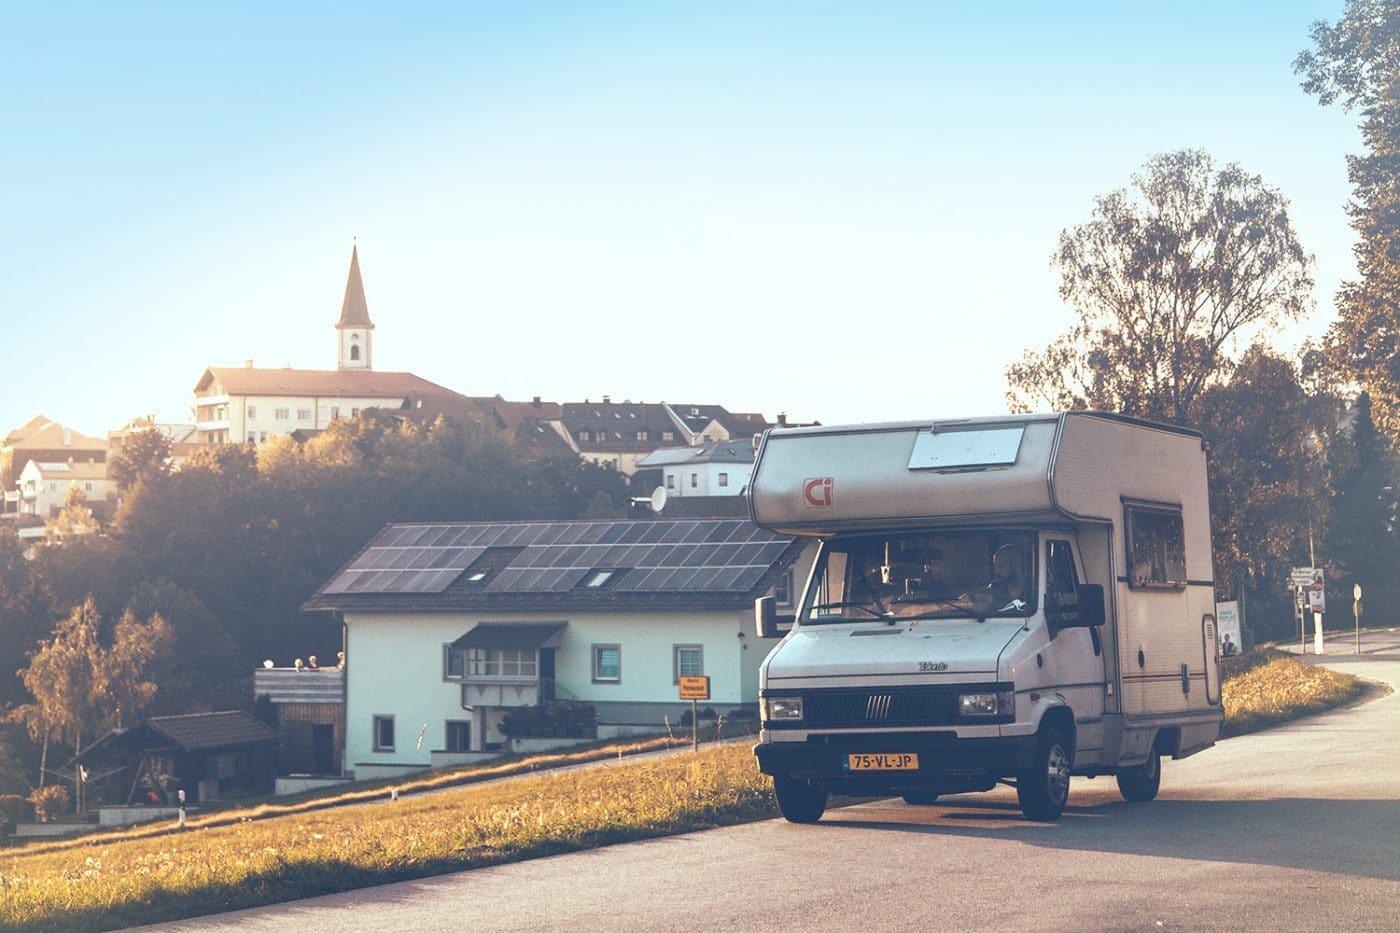 Ein Wohnmobil auf einer Straße in oder nahe einer Ortschaft.